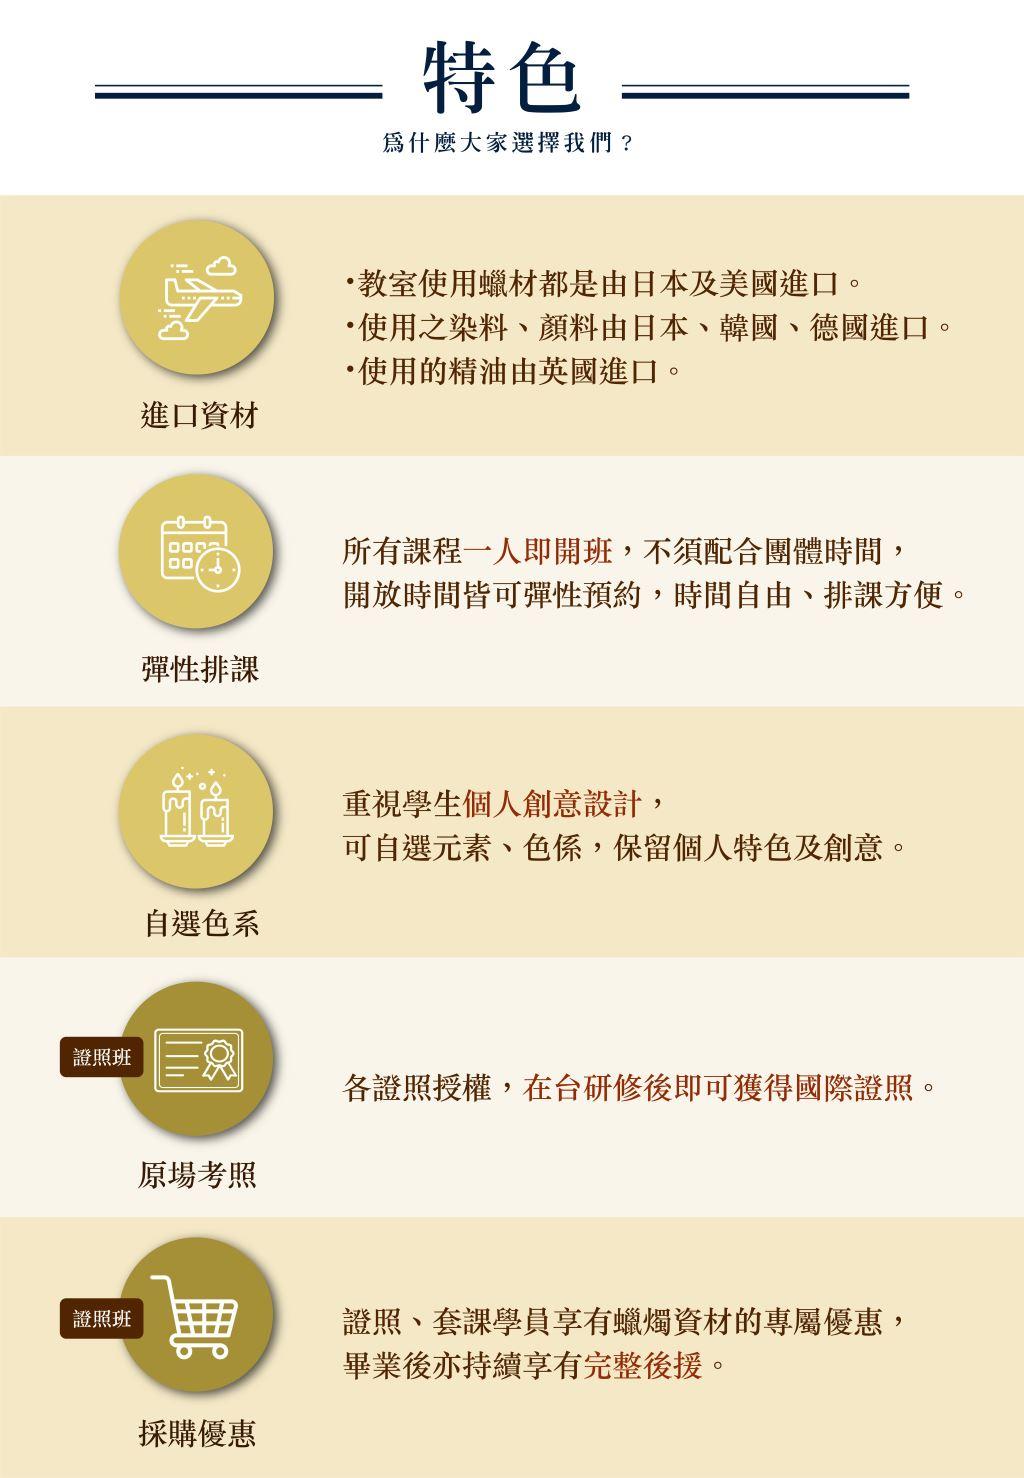 日本JCA藝術蠟燭協會台灣分會課程特色